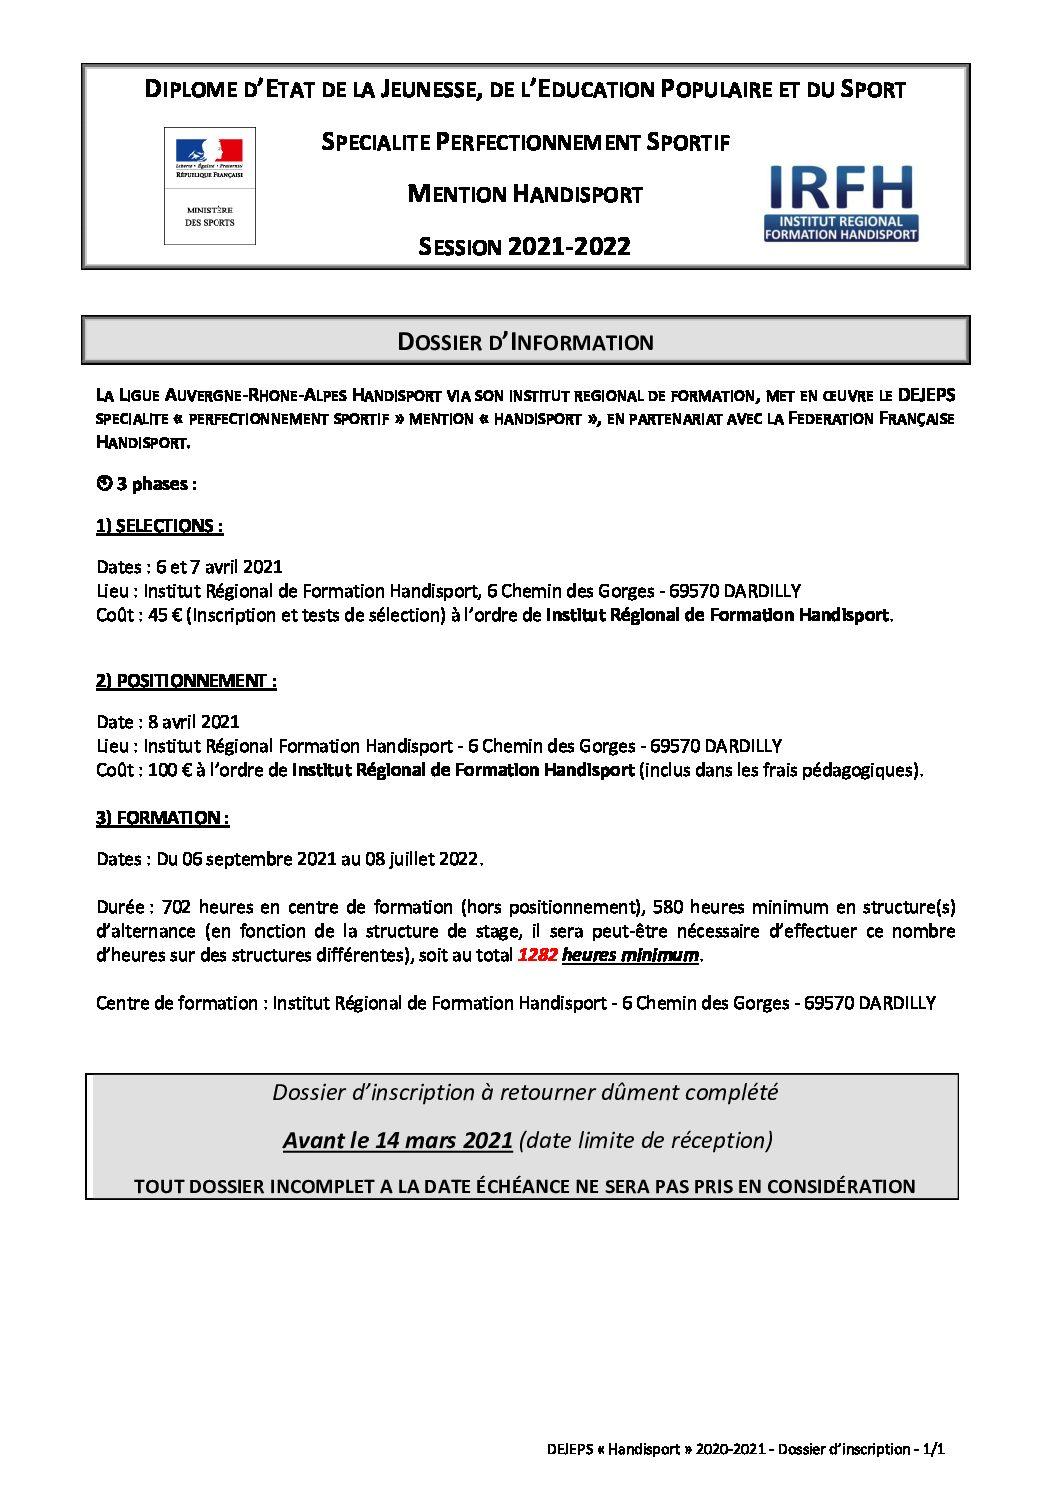 FORMATION DEJEPS HANDISPORT SESSION 2021-2022